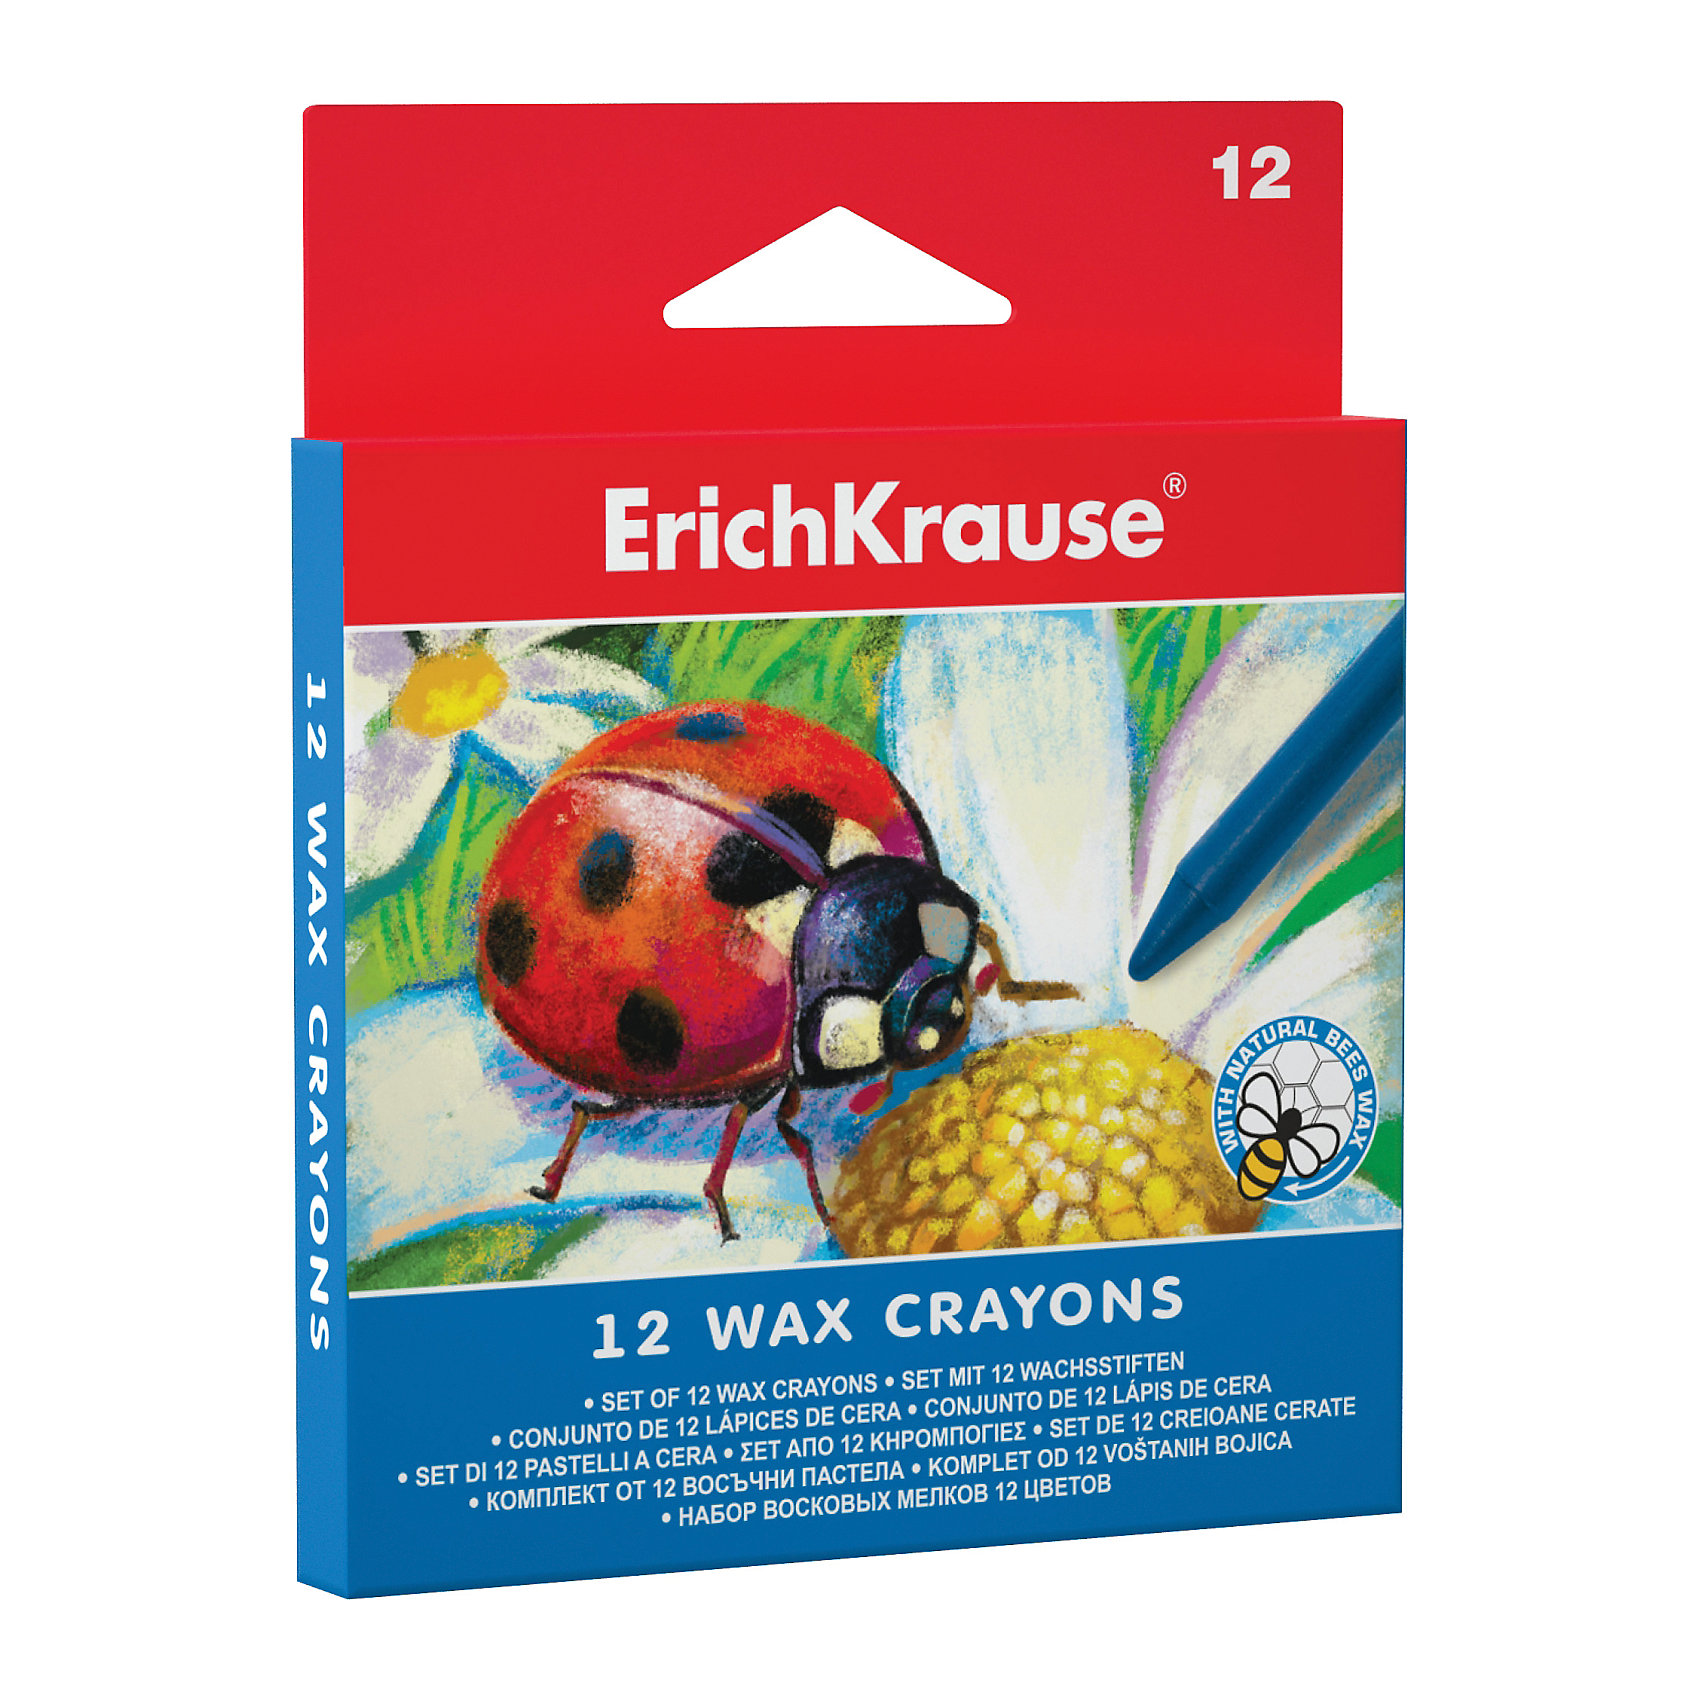 Восковые мелки, 12 цв., ErichKrauseВосковые мелки, 12 цв., ErichKrause (Эрих Краузе) - это настоящая находка для юного художника.<br>Восковые мелки от торговой марки Erich Krause (Эрих Краузе) изготовлены из пчелиного воска с добавлением натуральных красителей и абсолютно безопасны для здоровья малыша. Картонная коробка содержит 12 мелков ярких насыщенных цветов, которые позволят ребенку создать красочные шедевры. Мелки мягко ложатся, оставляют яркие, четкие линии, обеспечивают равномерное закрашивание. Каждый мелок в бумажной обертке. Восковые мелки подарят вашему ребенку множество часов творчества и хорошее настроение!<br><br>Дополнительная информация:<br><br>- Количество: 12 шт.<br>- Материал: полимерный воск<br>- Диаметр мелка: 0,7 см.<br>- Длина мелка: 9 см.<br>- Упаковка: картонная коробка с европодвесом<br>- Размер упаковки: 1 ? 12 ? 10 см.<br><br>Восковые мелки, 12 цв., ErichKrause (Эрих Краузе) можно купить в нашем интернет-магазине.<br><br>Ширина мм: 98<br>Глубина мм: 11<br>Высота мм: 121<br>Вес г: 70<br>Возраст от месяцев: 36<br>Возраст до месяцев: 204<br>Пол: Унисекс<br>Возраст: Детский<br>SKU: 4744503